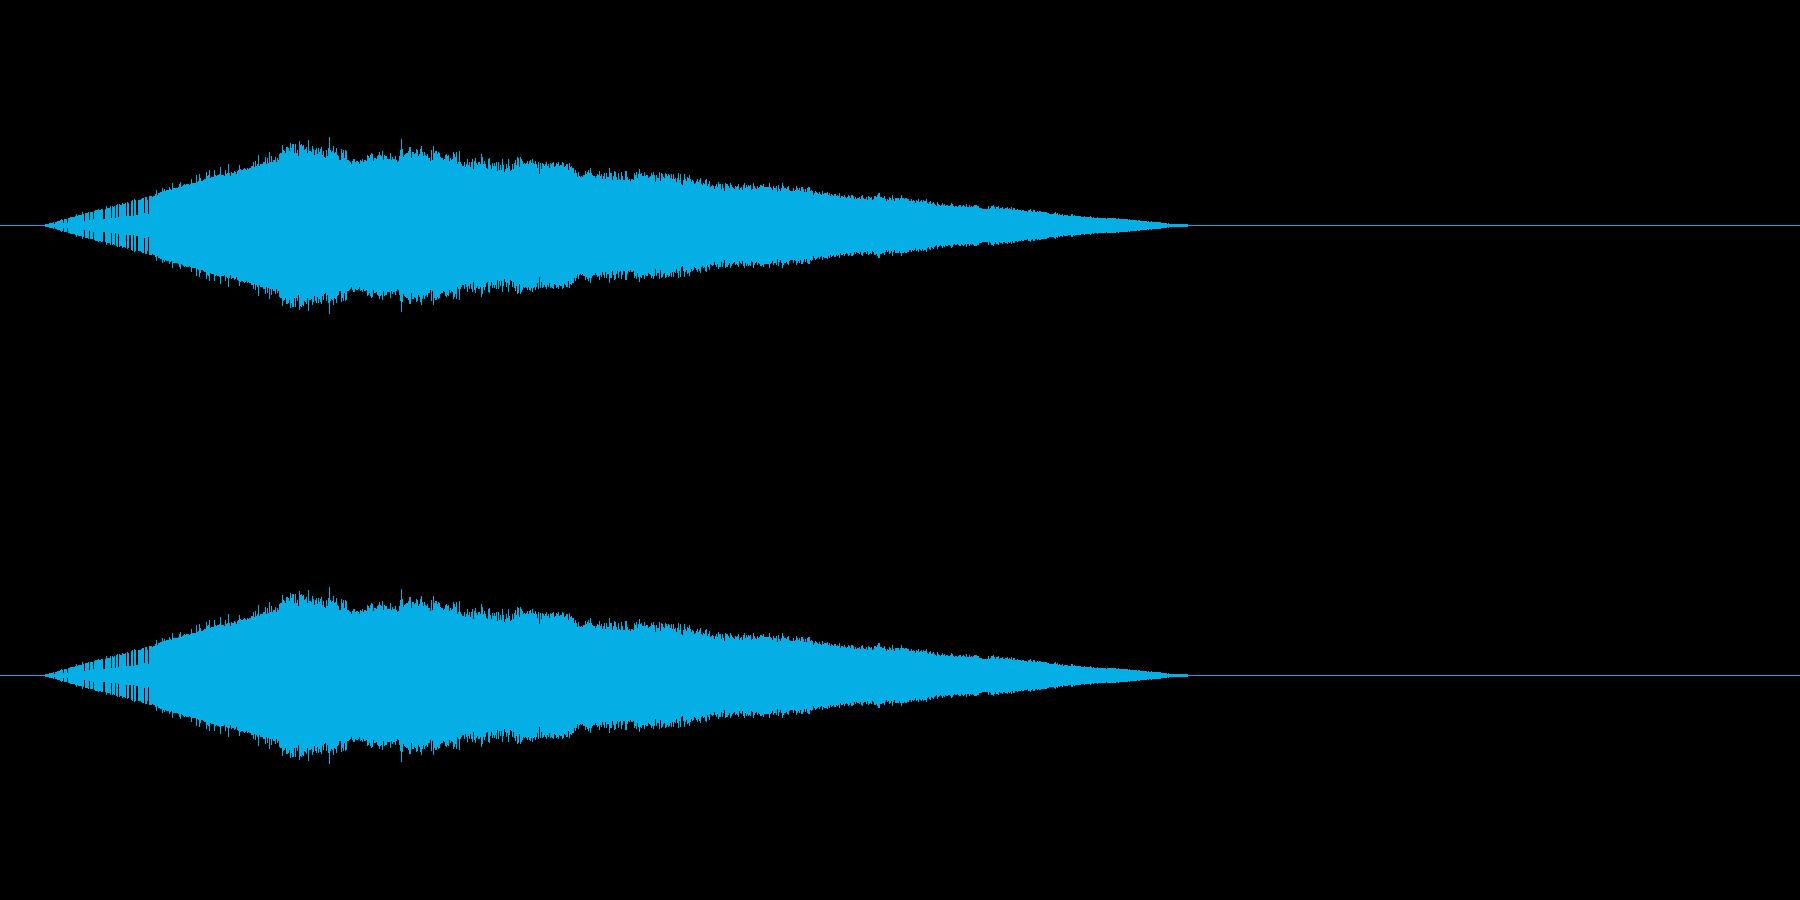 レトロゲーム風・幻惑・毒3の再生済みの波形